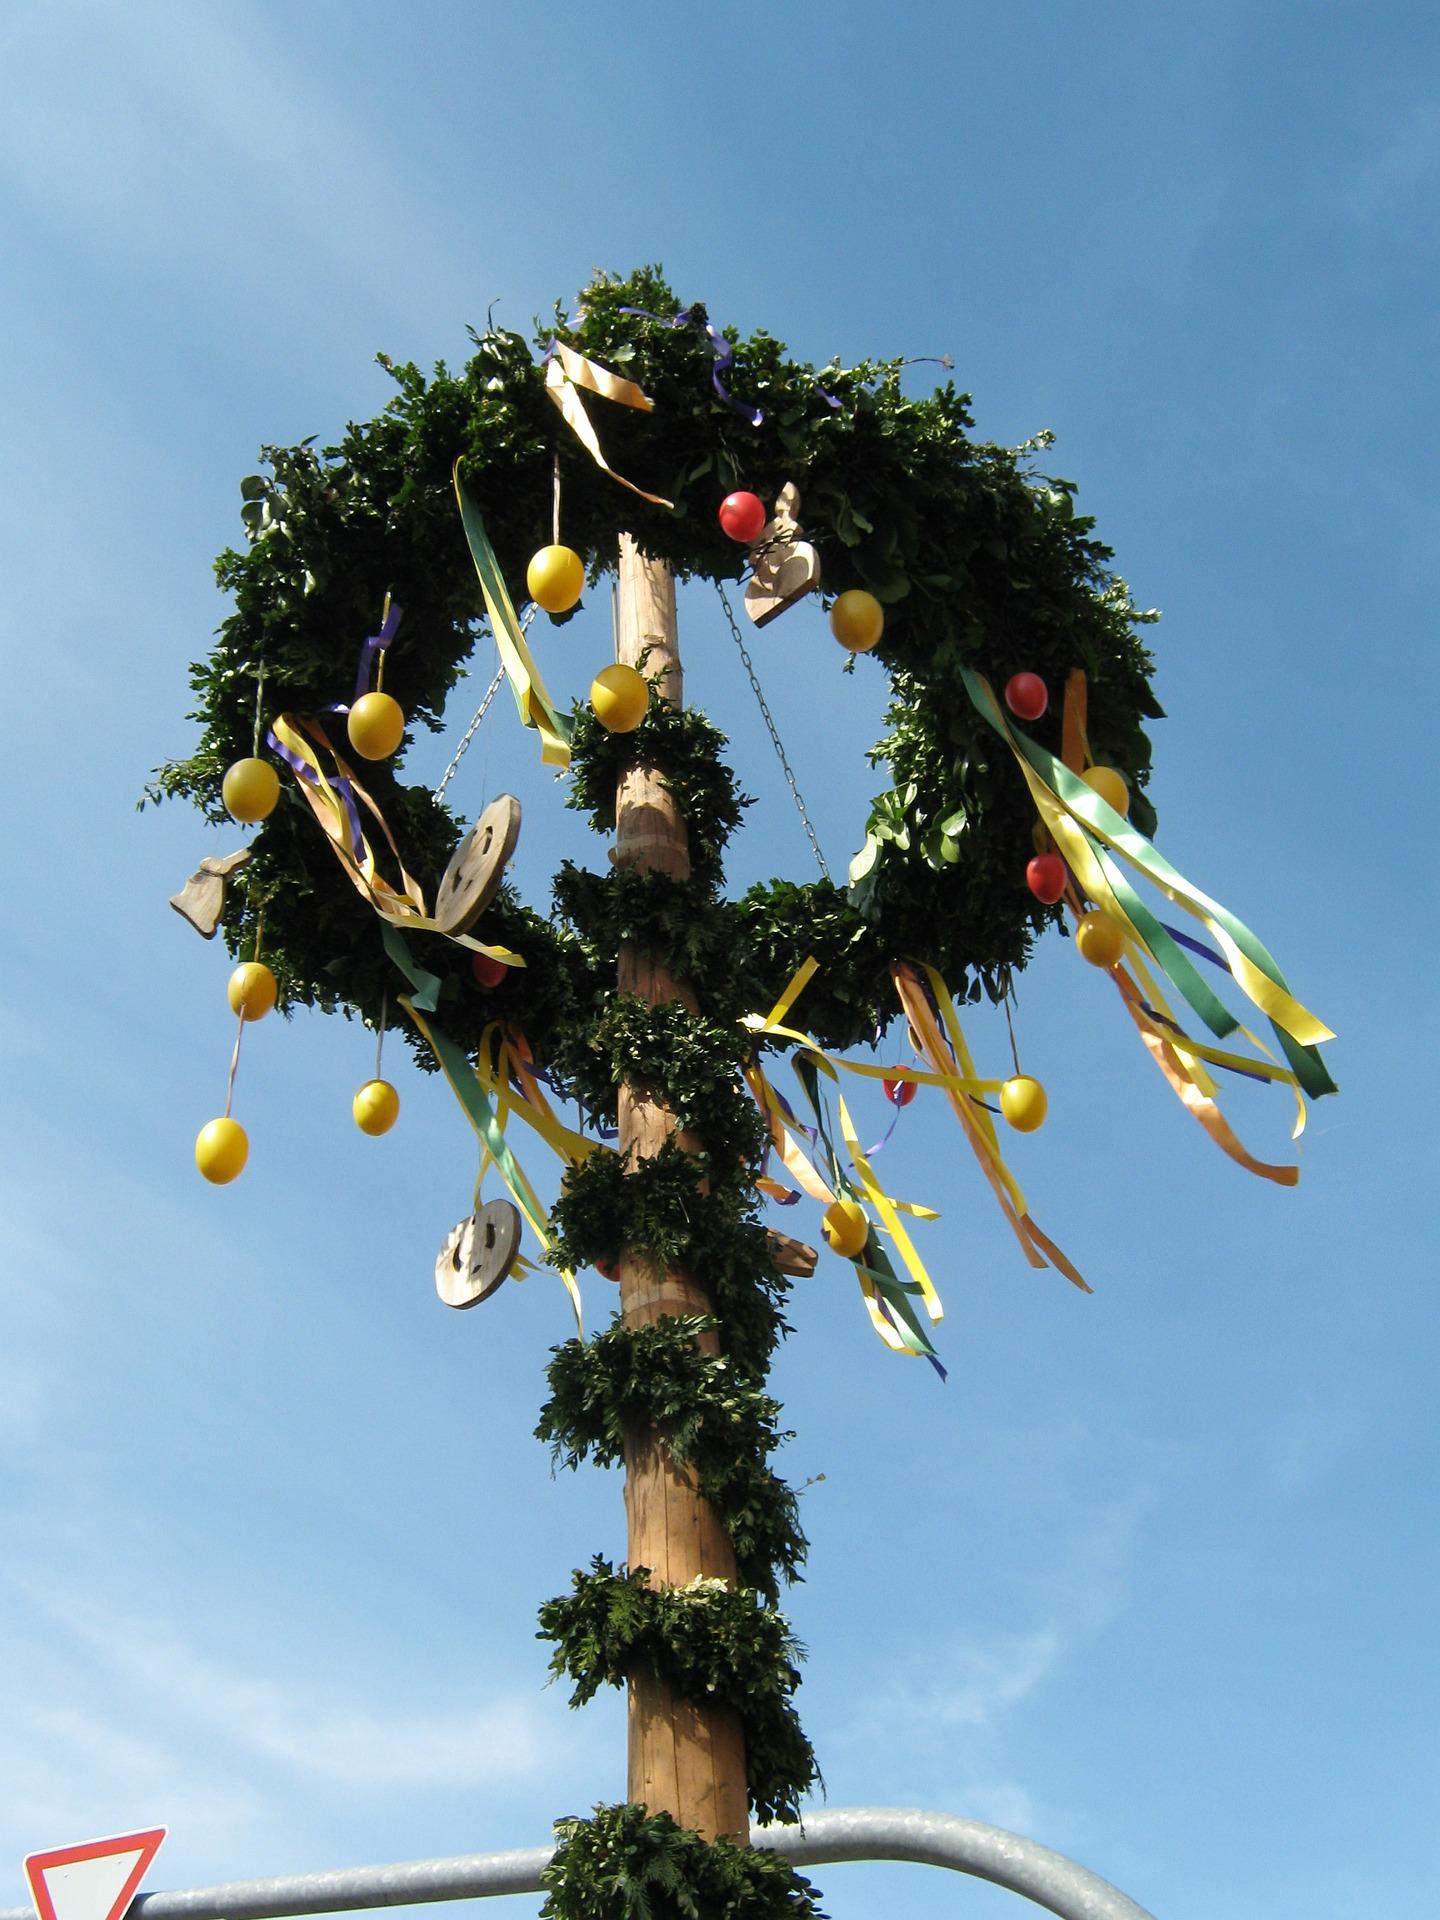 easter-tree-381904_1920.jpg